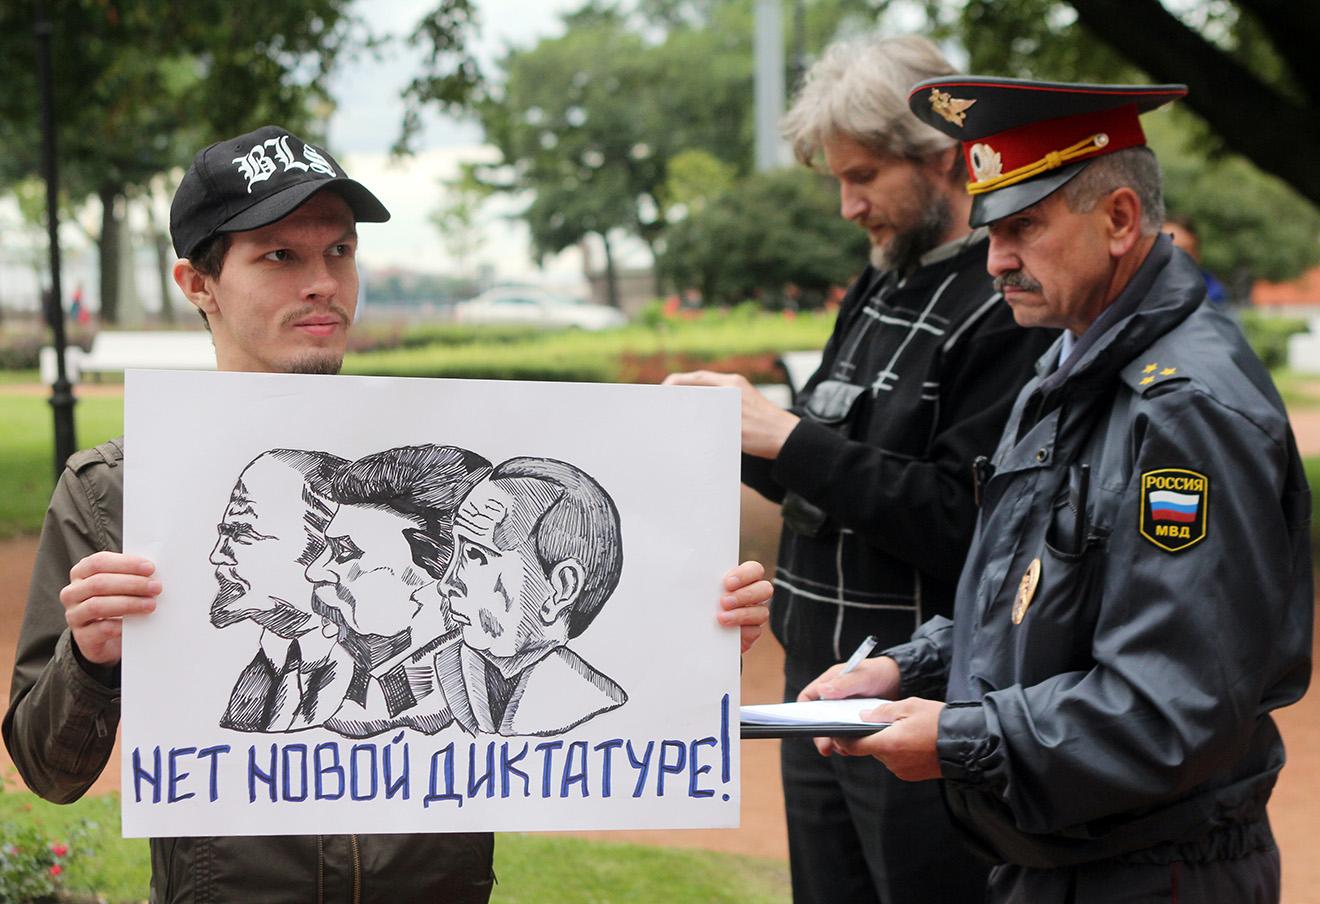 Фото: Сергей Вдовин / Интерпресс / ТАСС